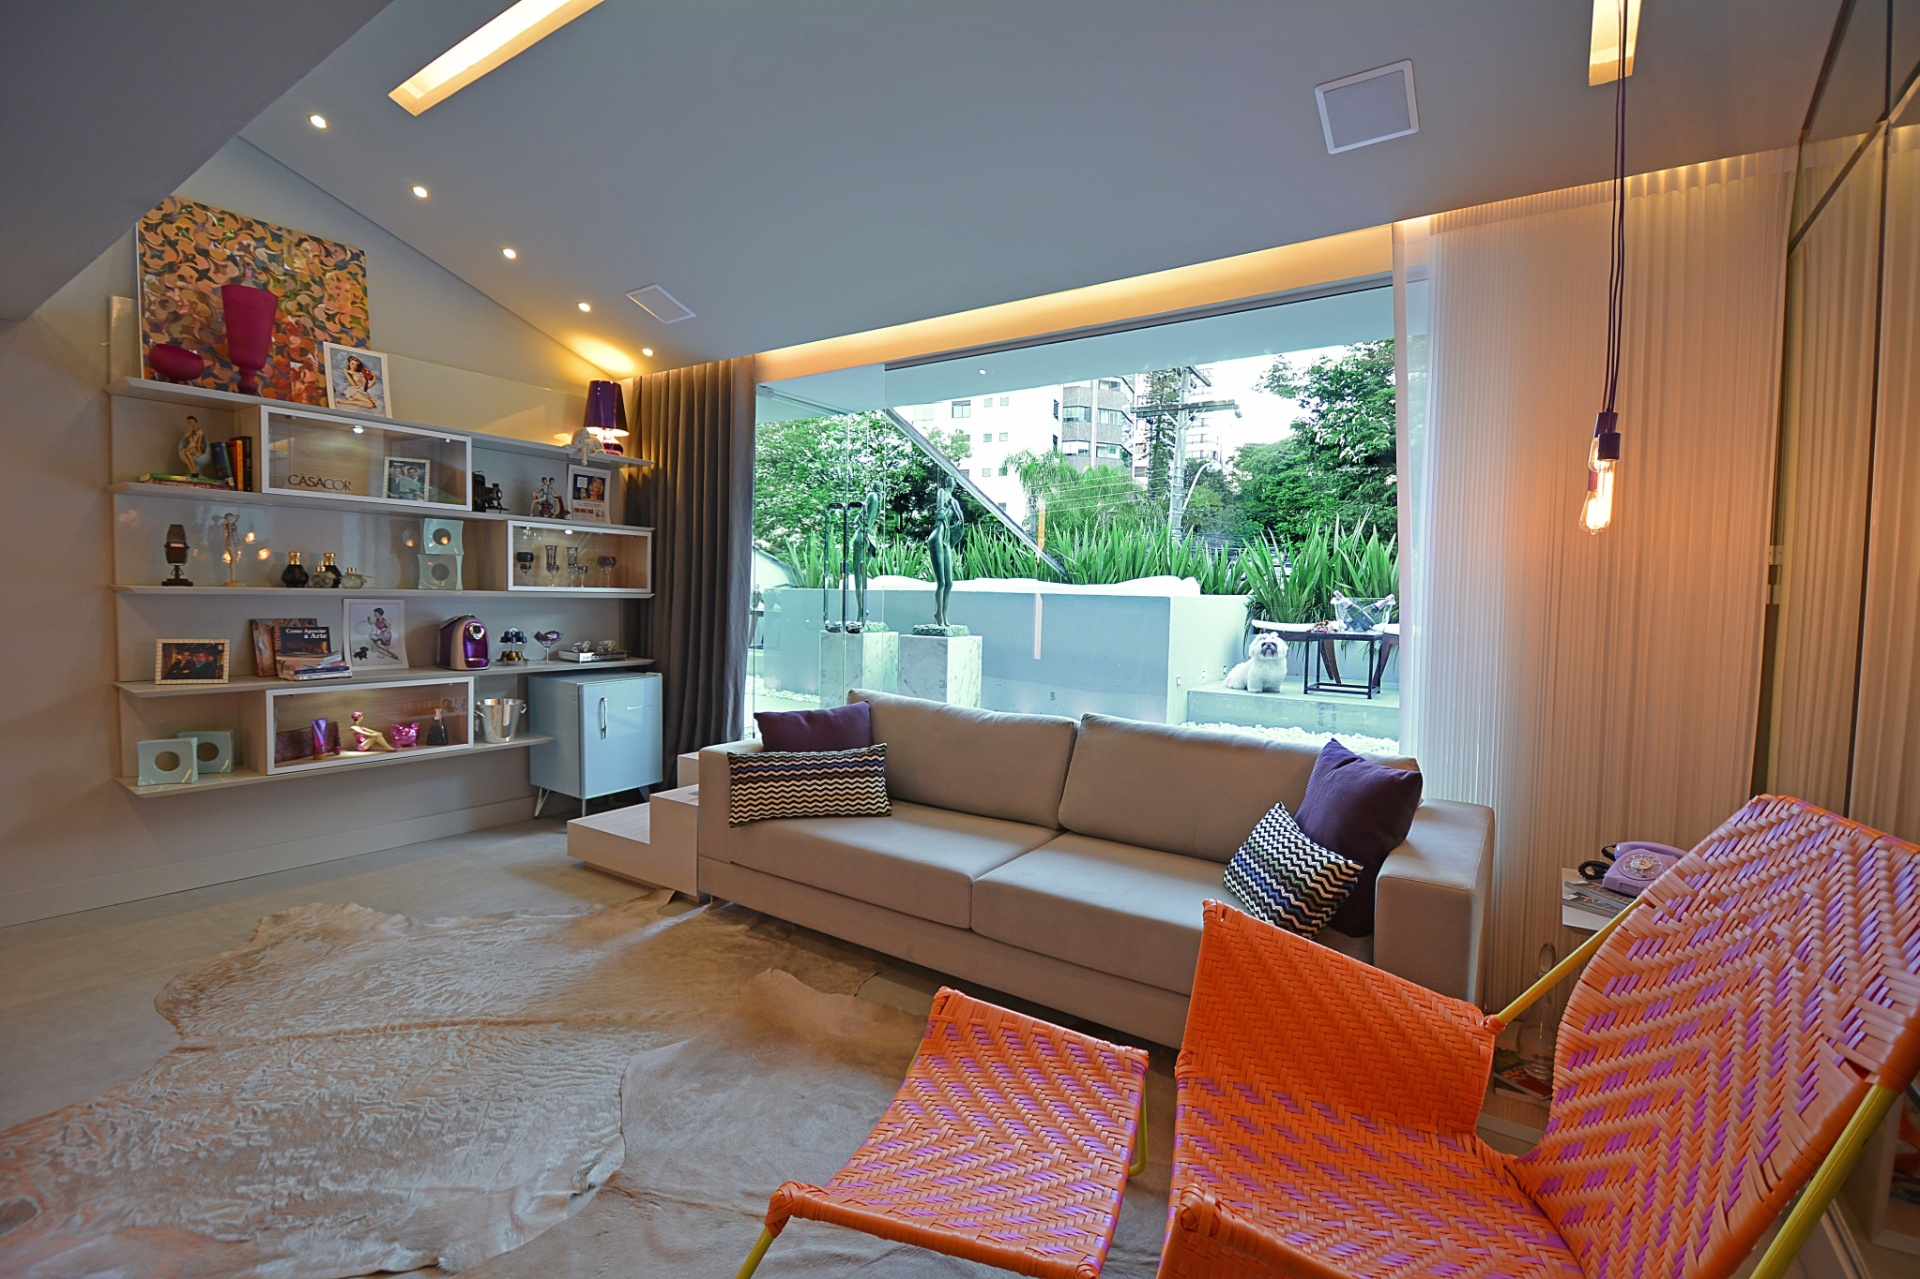 Salas de estar  sugestões para quem tem muito ou pouco espaço - BOL Fotos -  BOL Fotos f5ca6bb588a